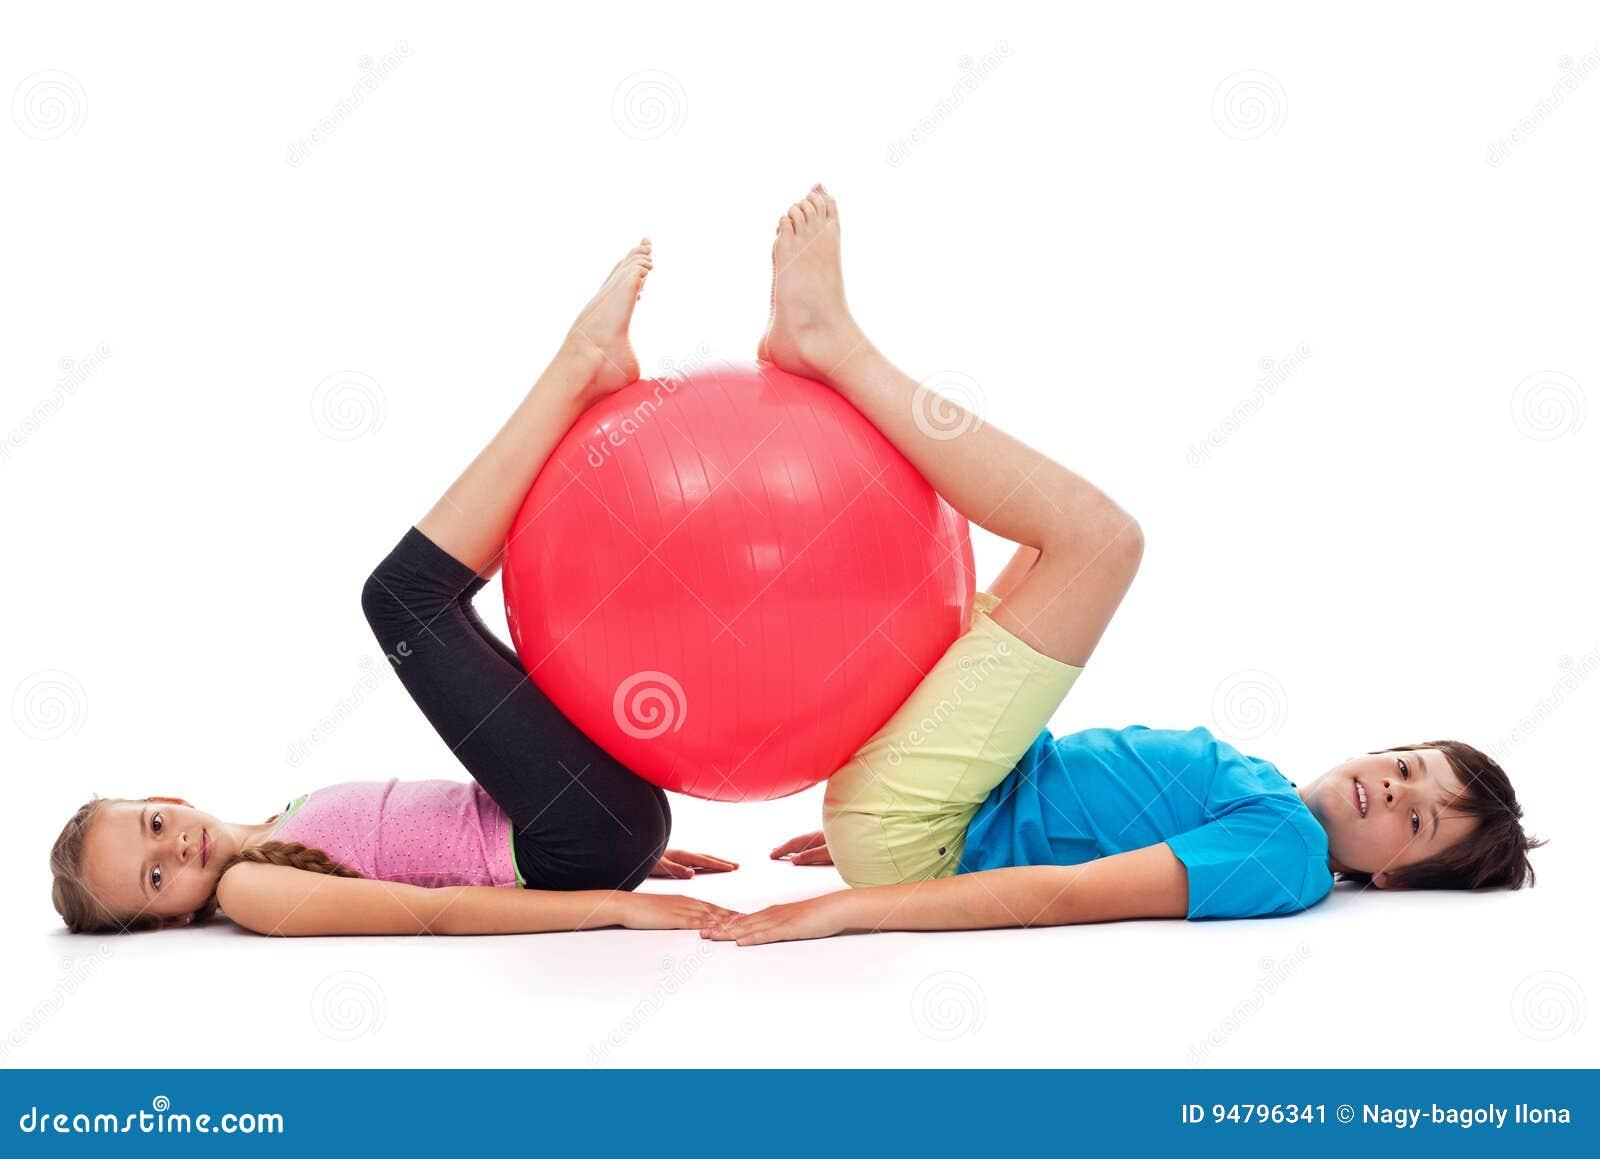 Giovane ragazzo e ragazza che si esercitano con una grande palla di gomma relativa alla ginnastica